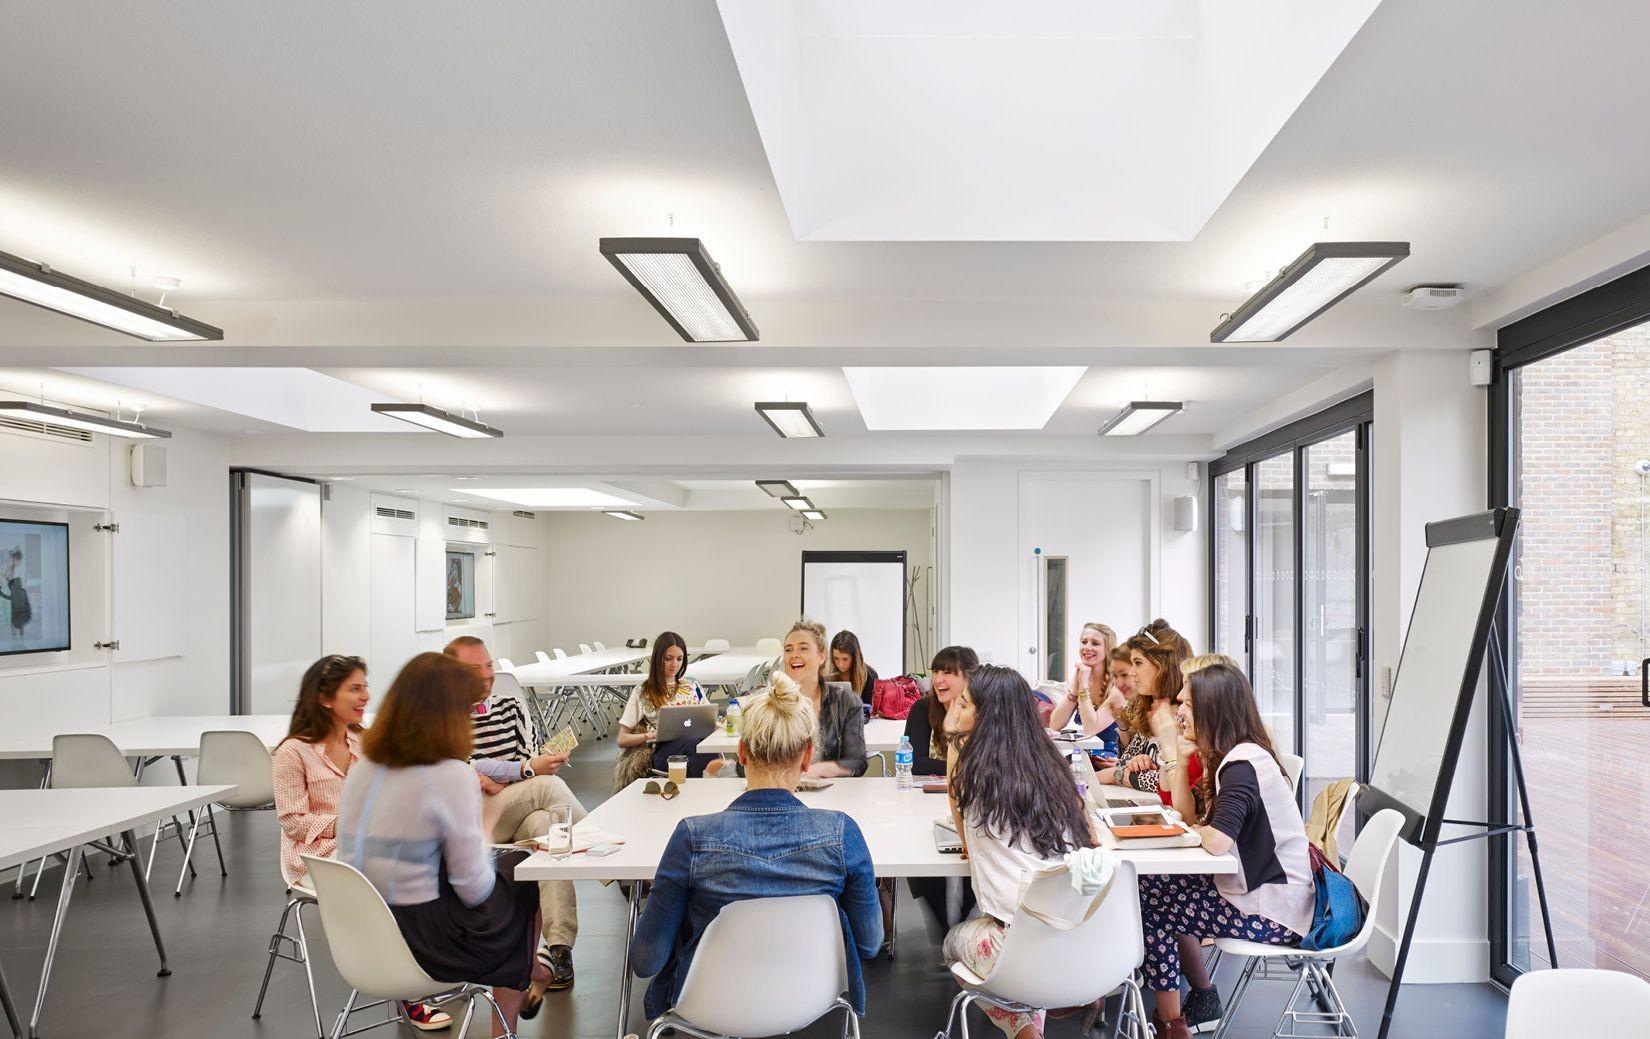 London school of fashion designing 77